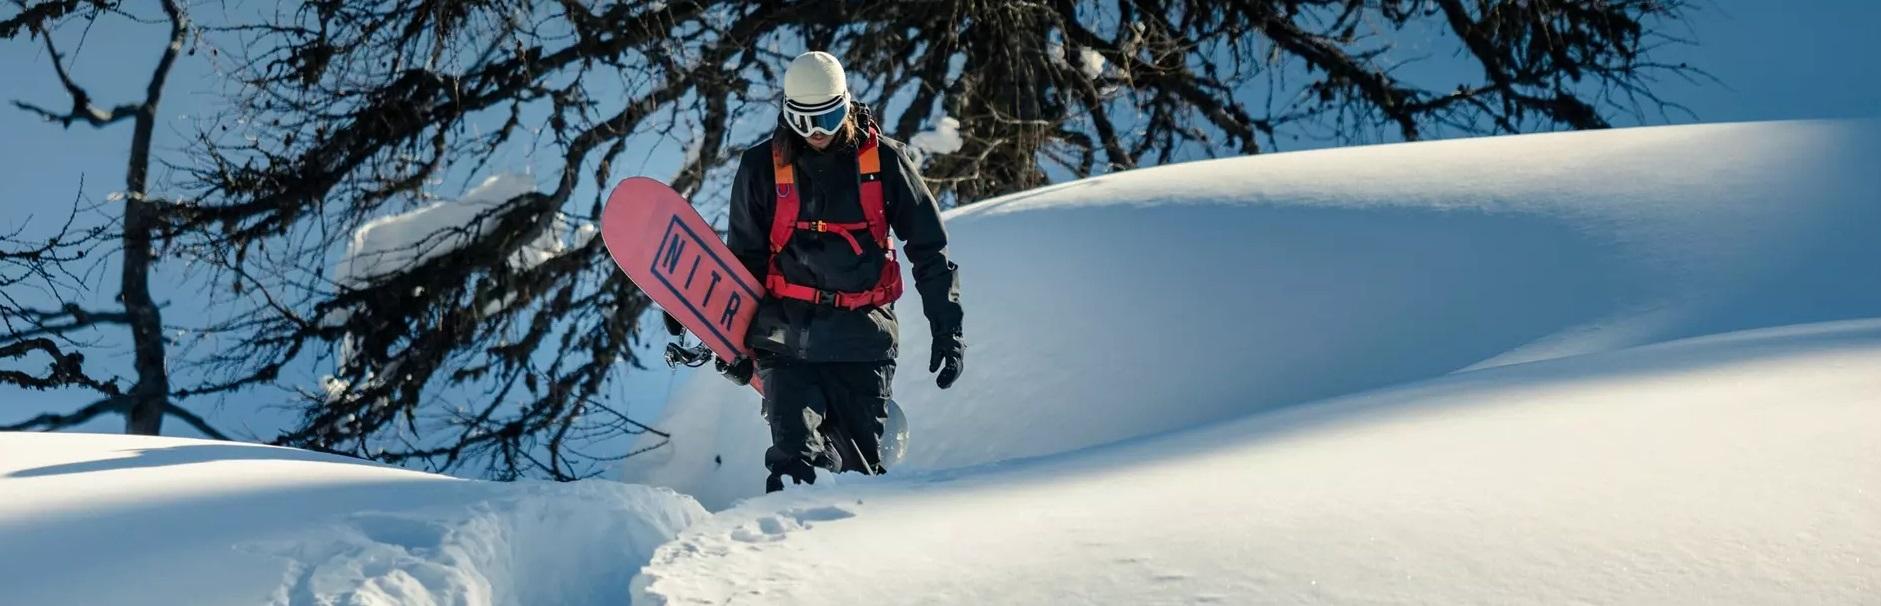 nitro-mountain-snowboard-2021